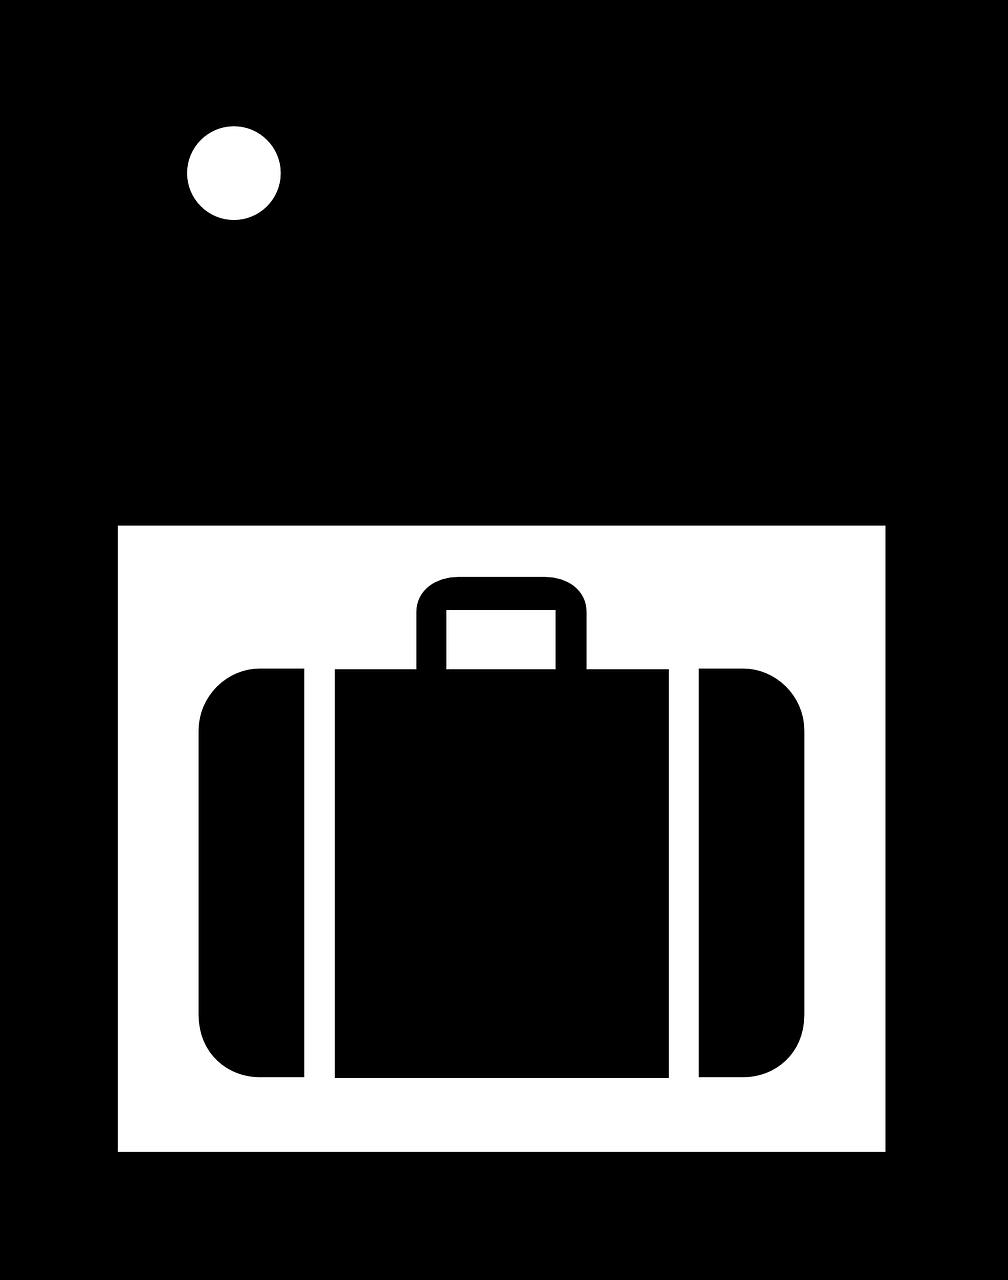 gepäck schließfach amsterdam centraal